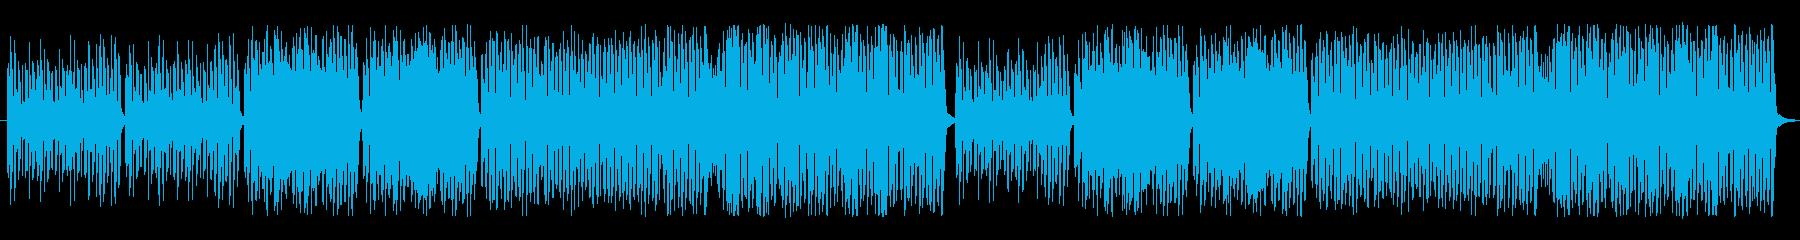 ピアノとリコーダーの可愛い曲の再生済みの波形